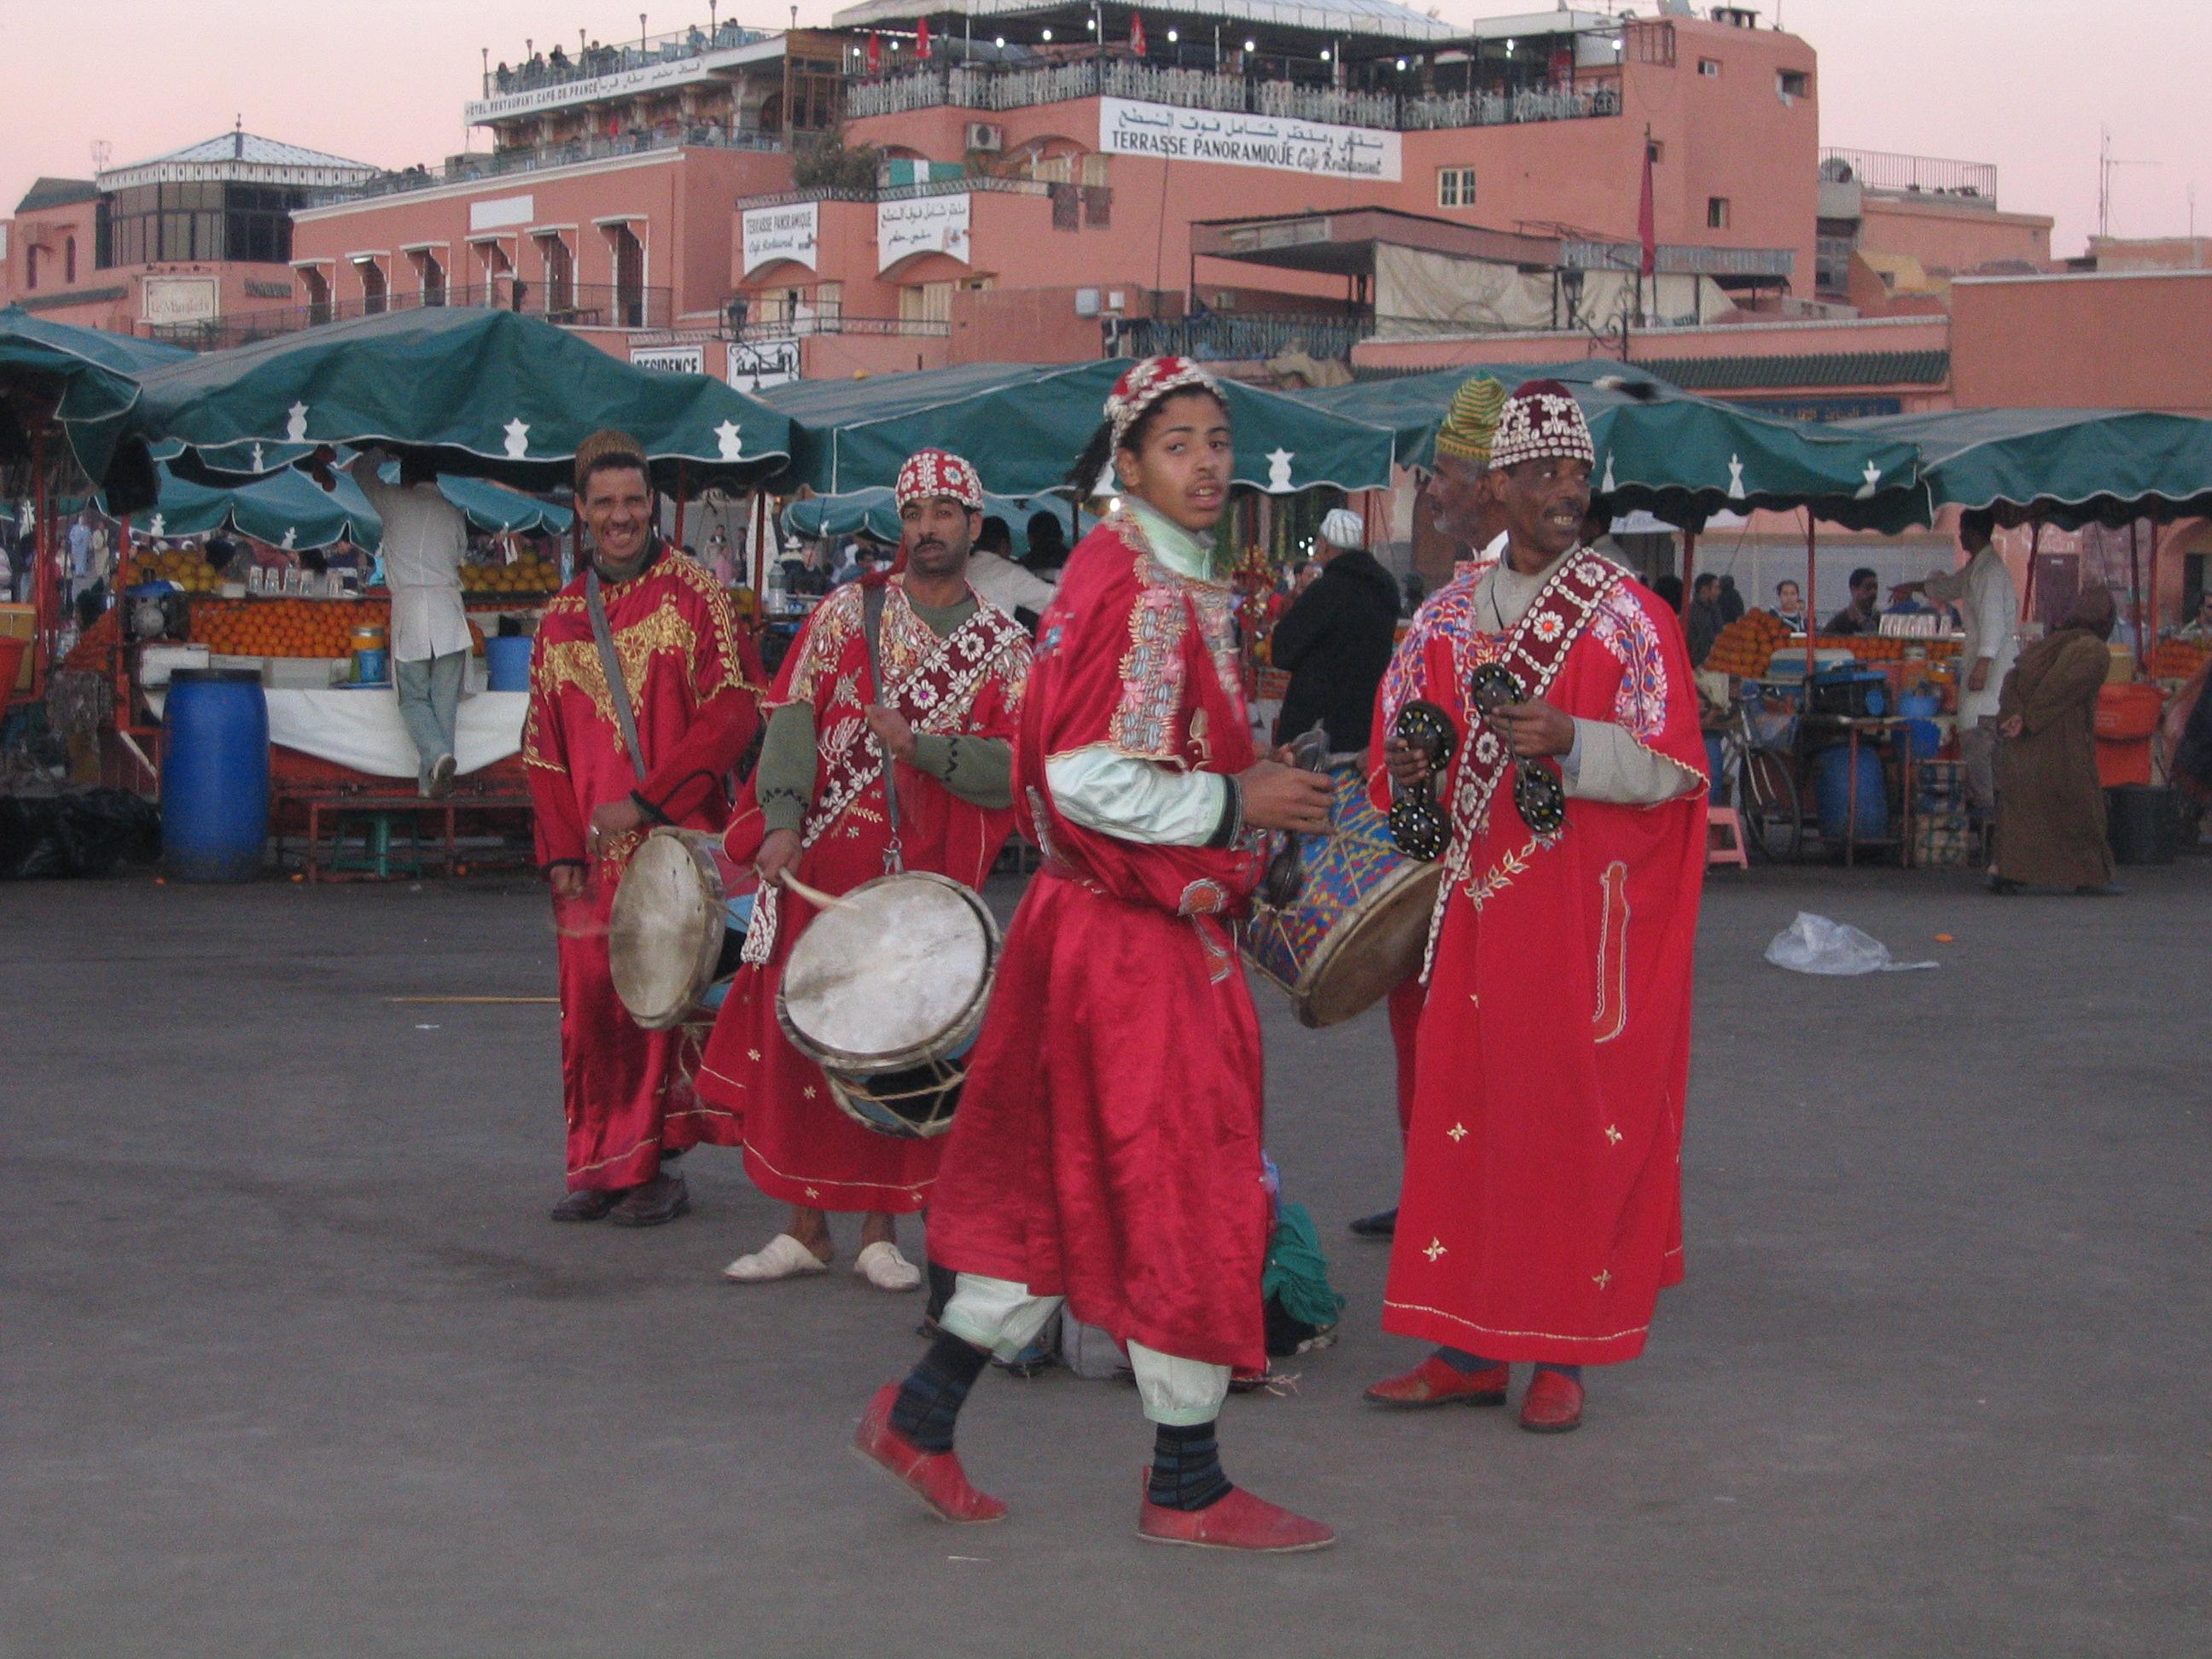 marokko_011.jpg